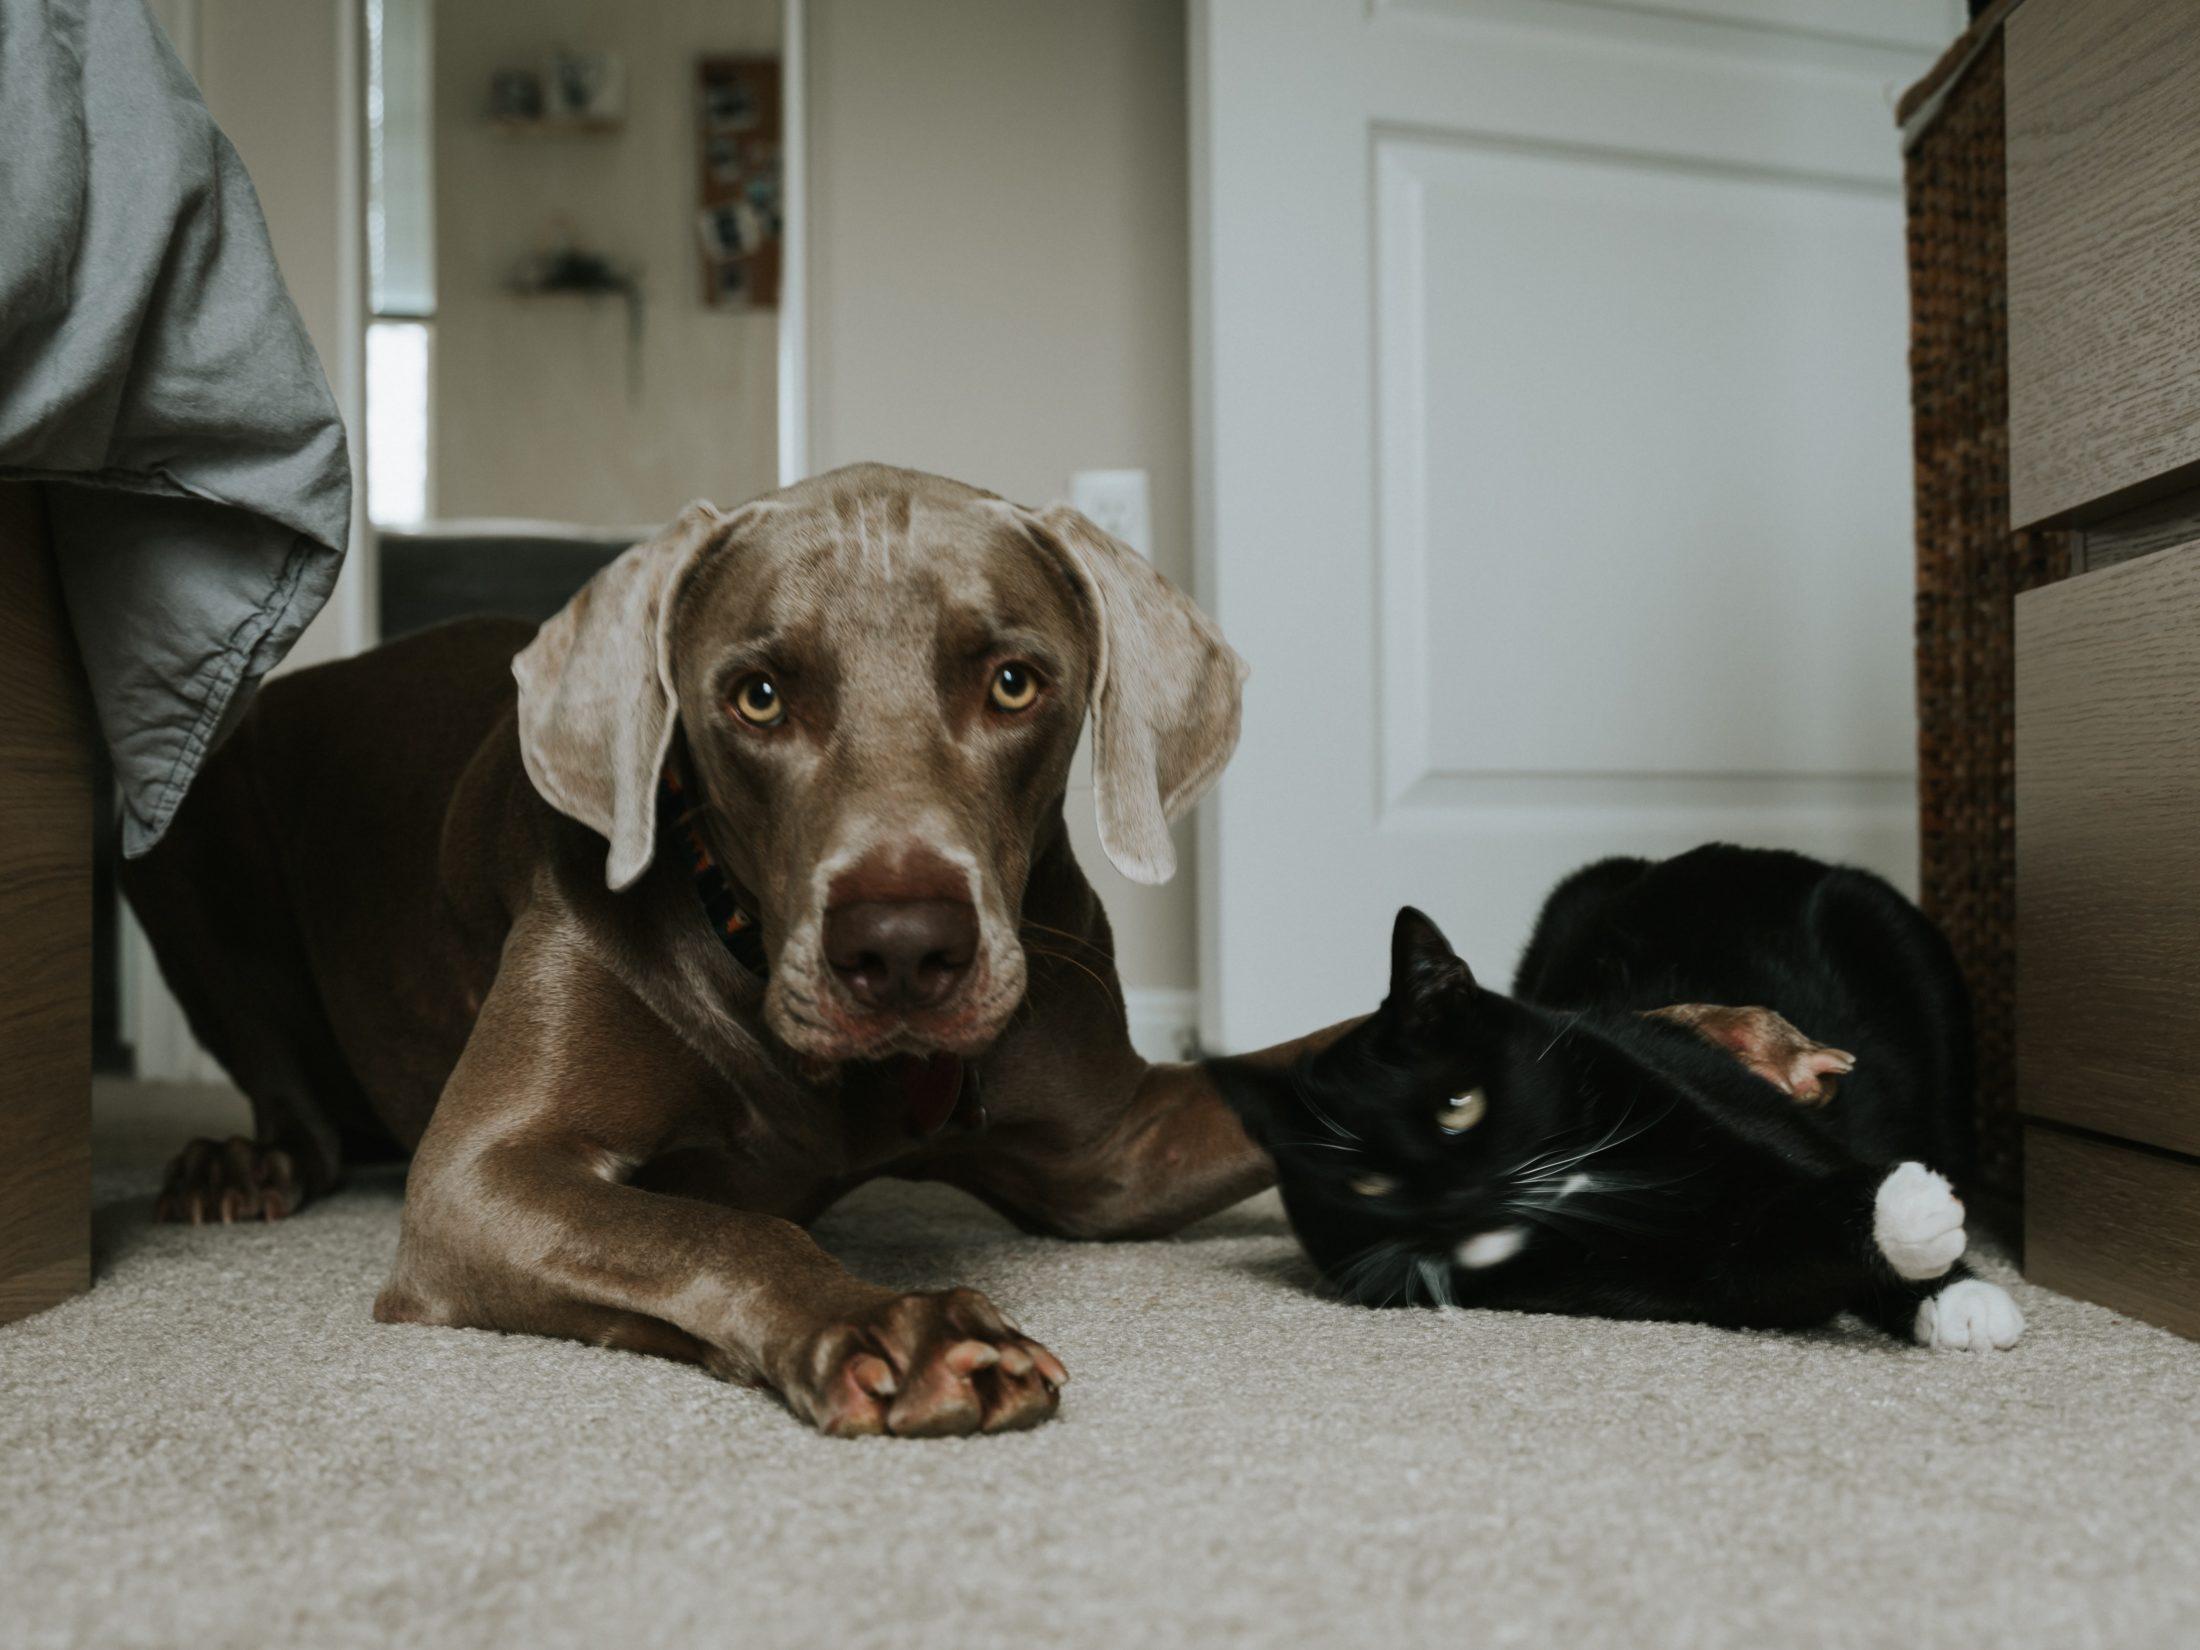 cachorro e gato deitados juntos no tapaete da sala